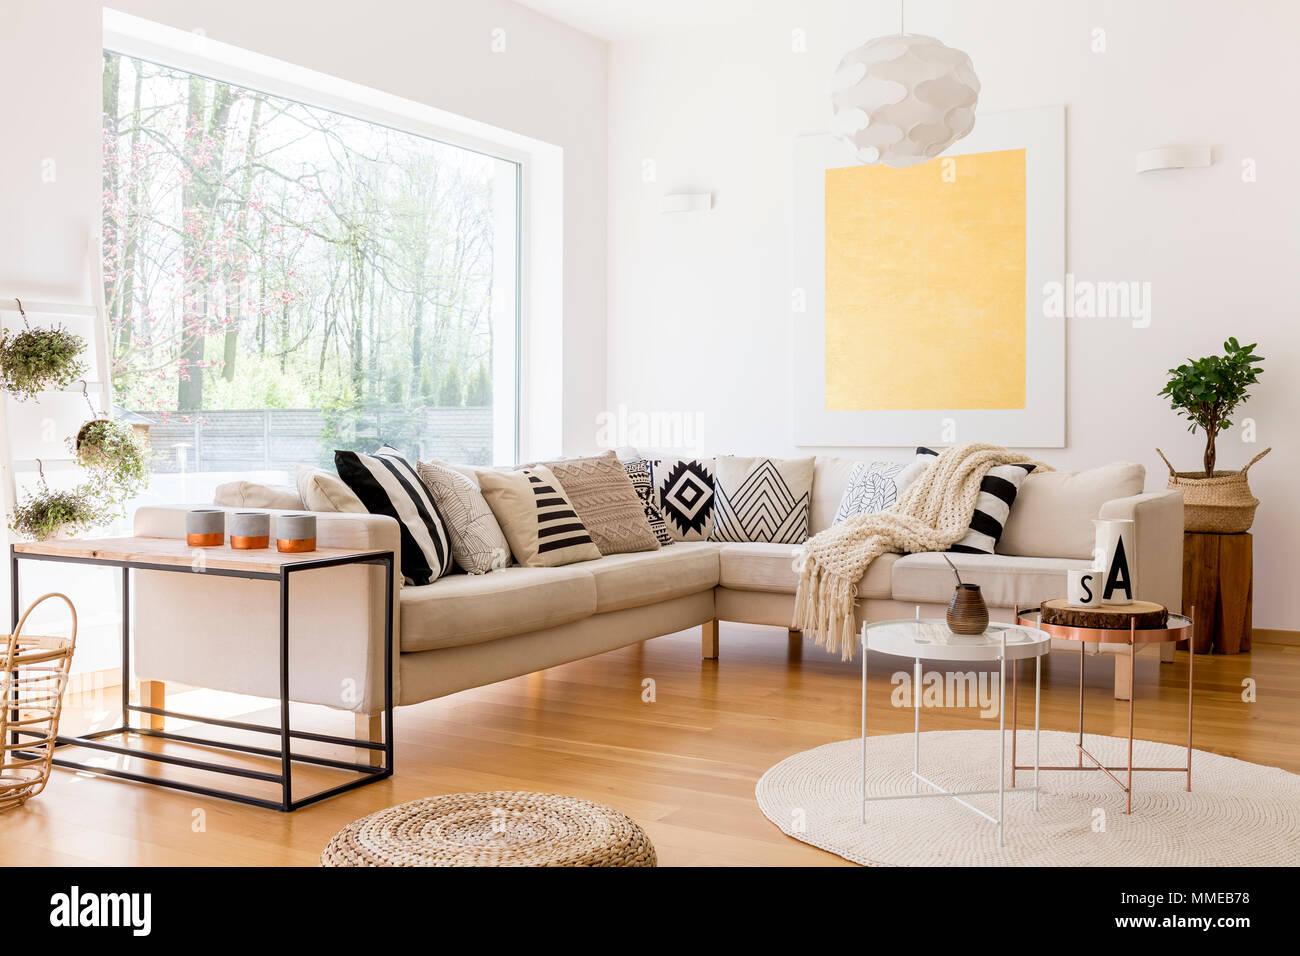 Arredamento Moderno Salotto : Arredamento moderno di spazioso salotto con divano e tre tavoli da